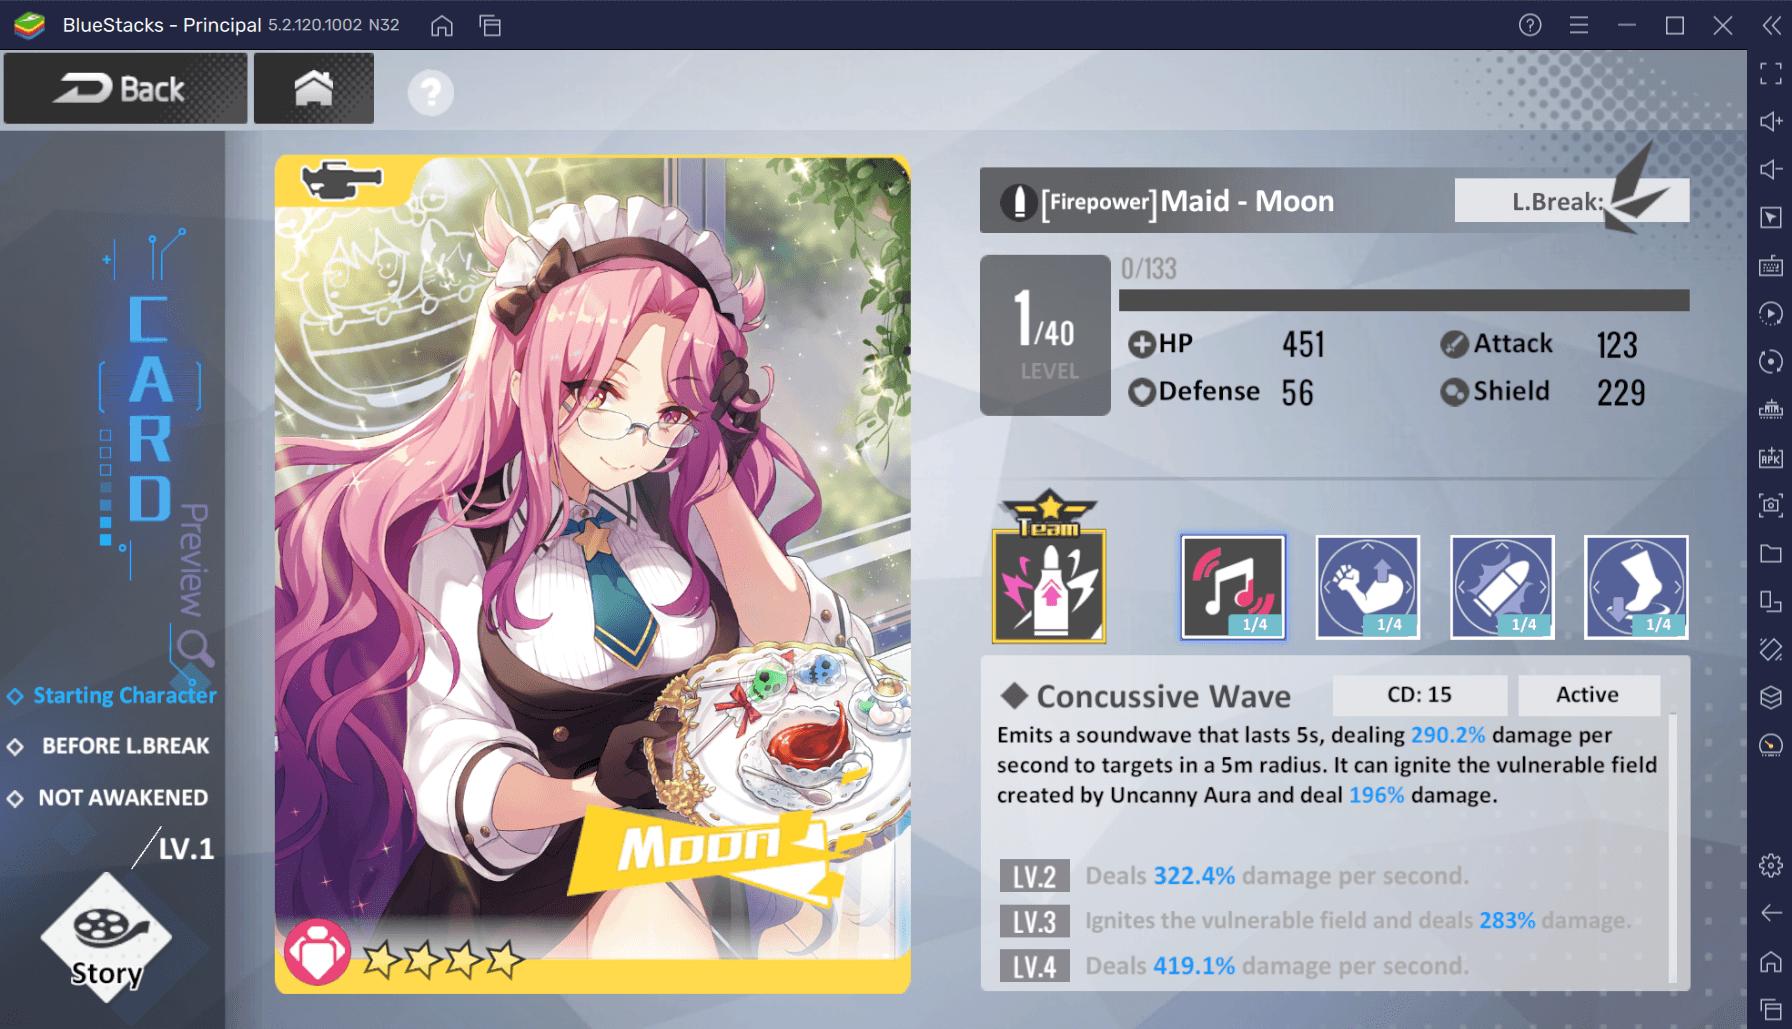 Tier List e Guia de Reroll em Girl Cafe Gun para começar com as waifus mais poderosas do jogo